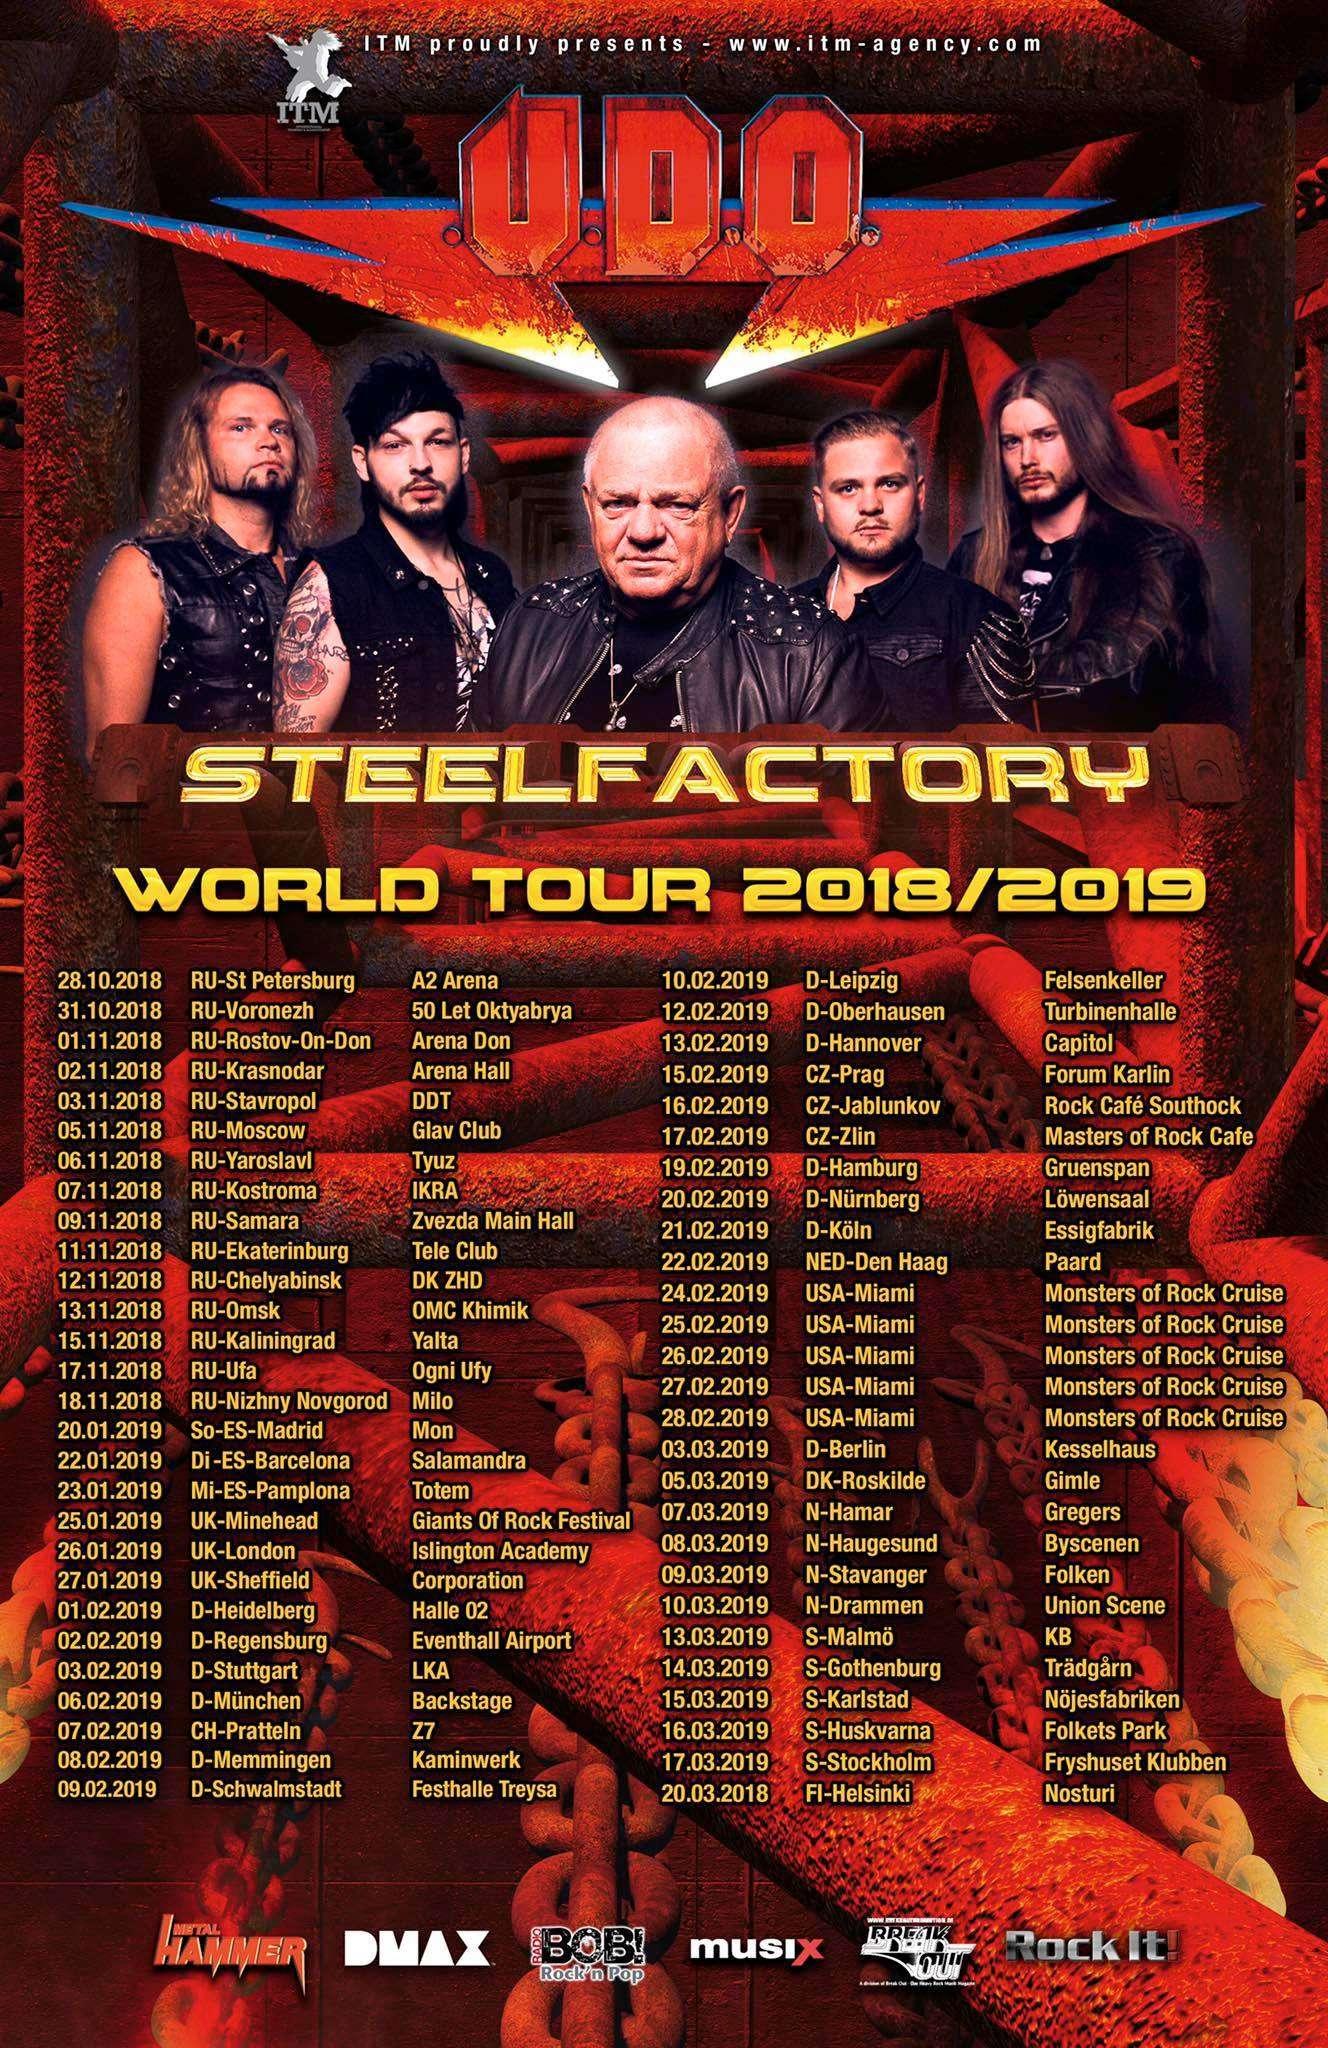 U.D.O. Steelfactory World Tour 2019